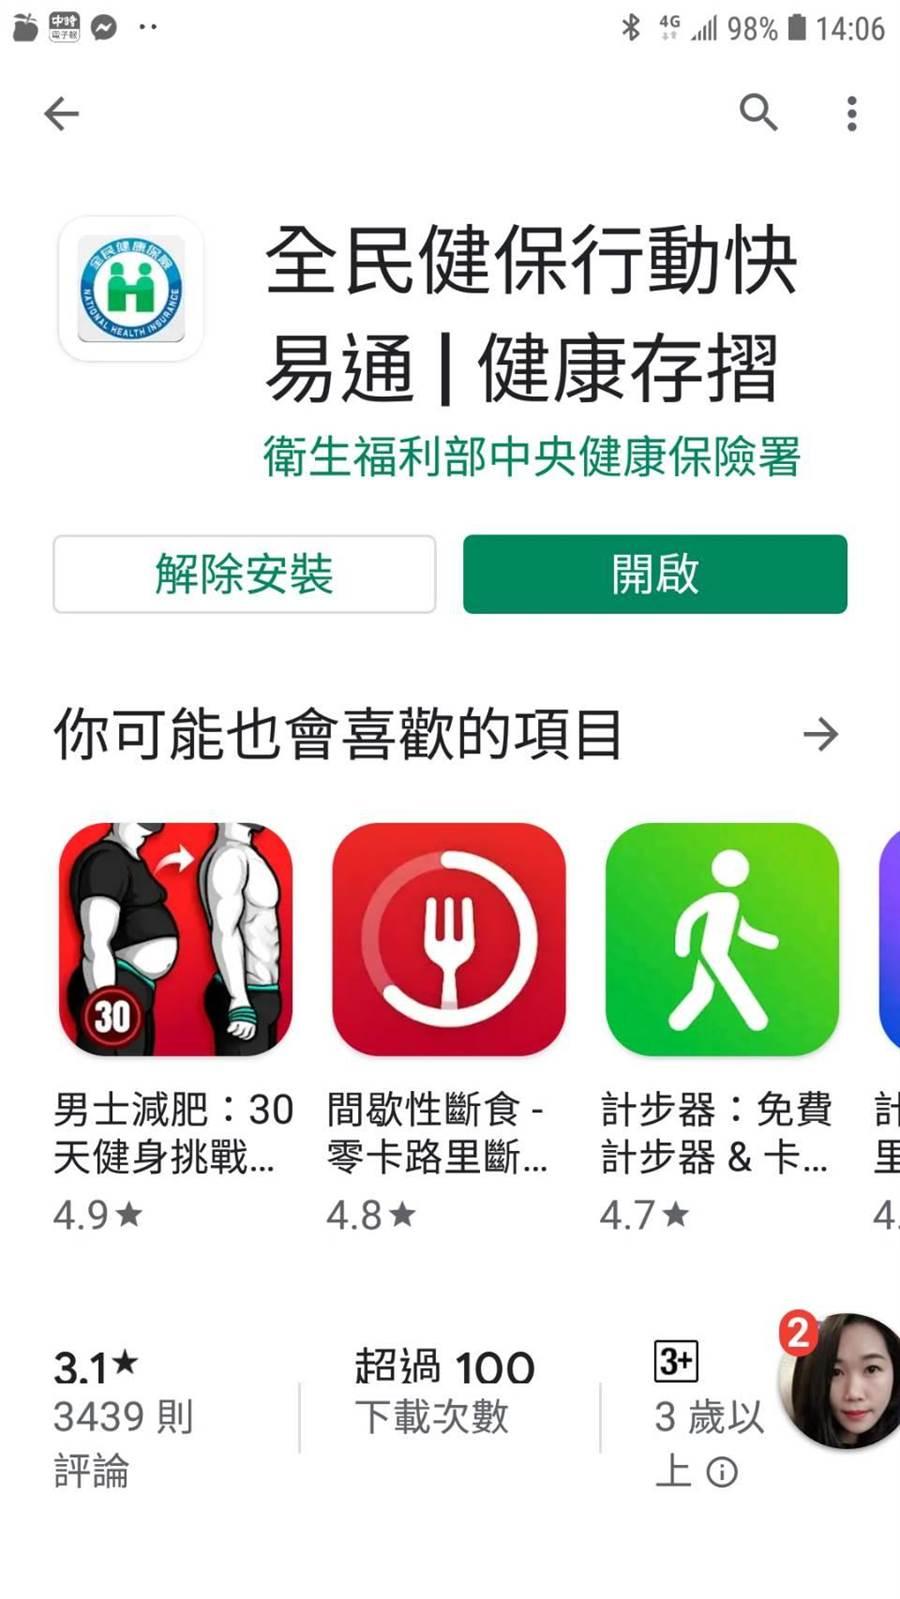 全民健保快易通手機認證異常(網路擷圖)